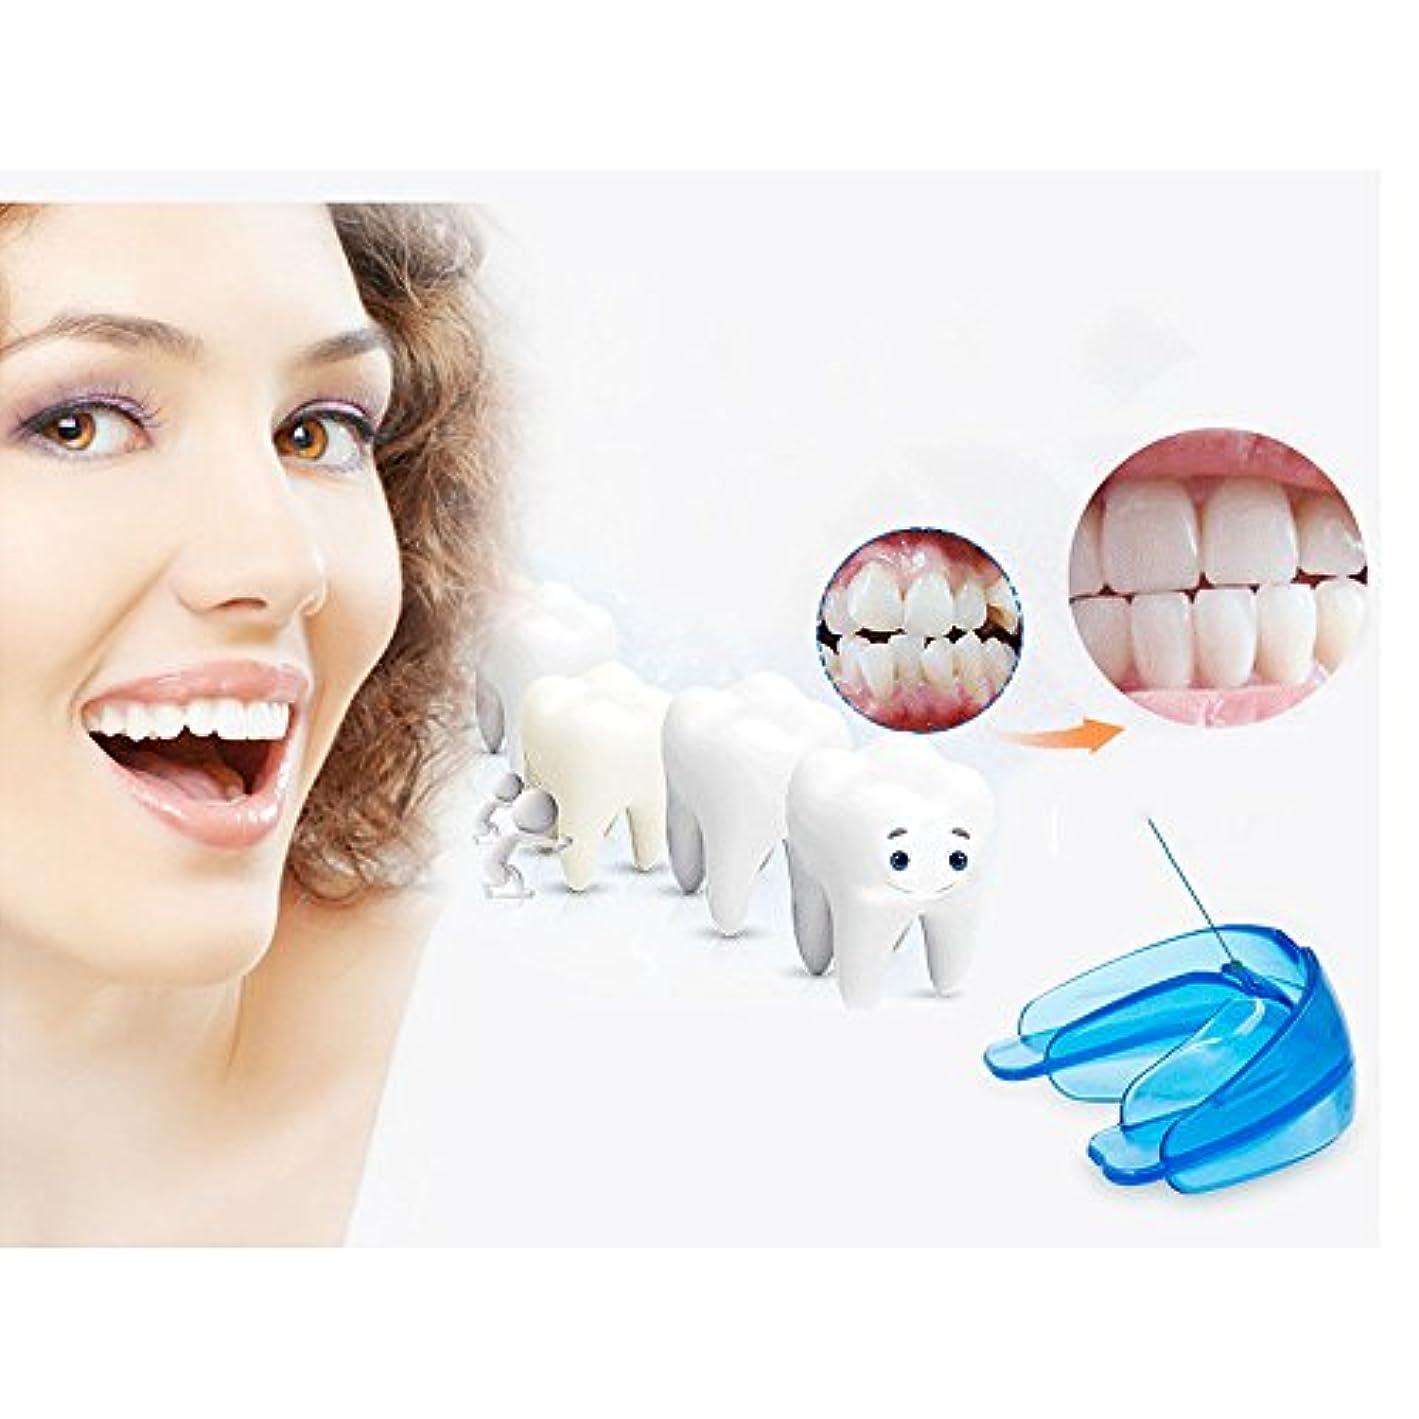 レンダー湾レプリカ歯の矫正、歯並びの固位器 直歯システム 使いやすい ブルー